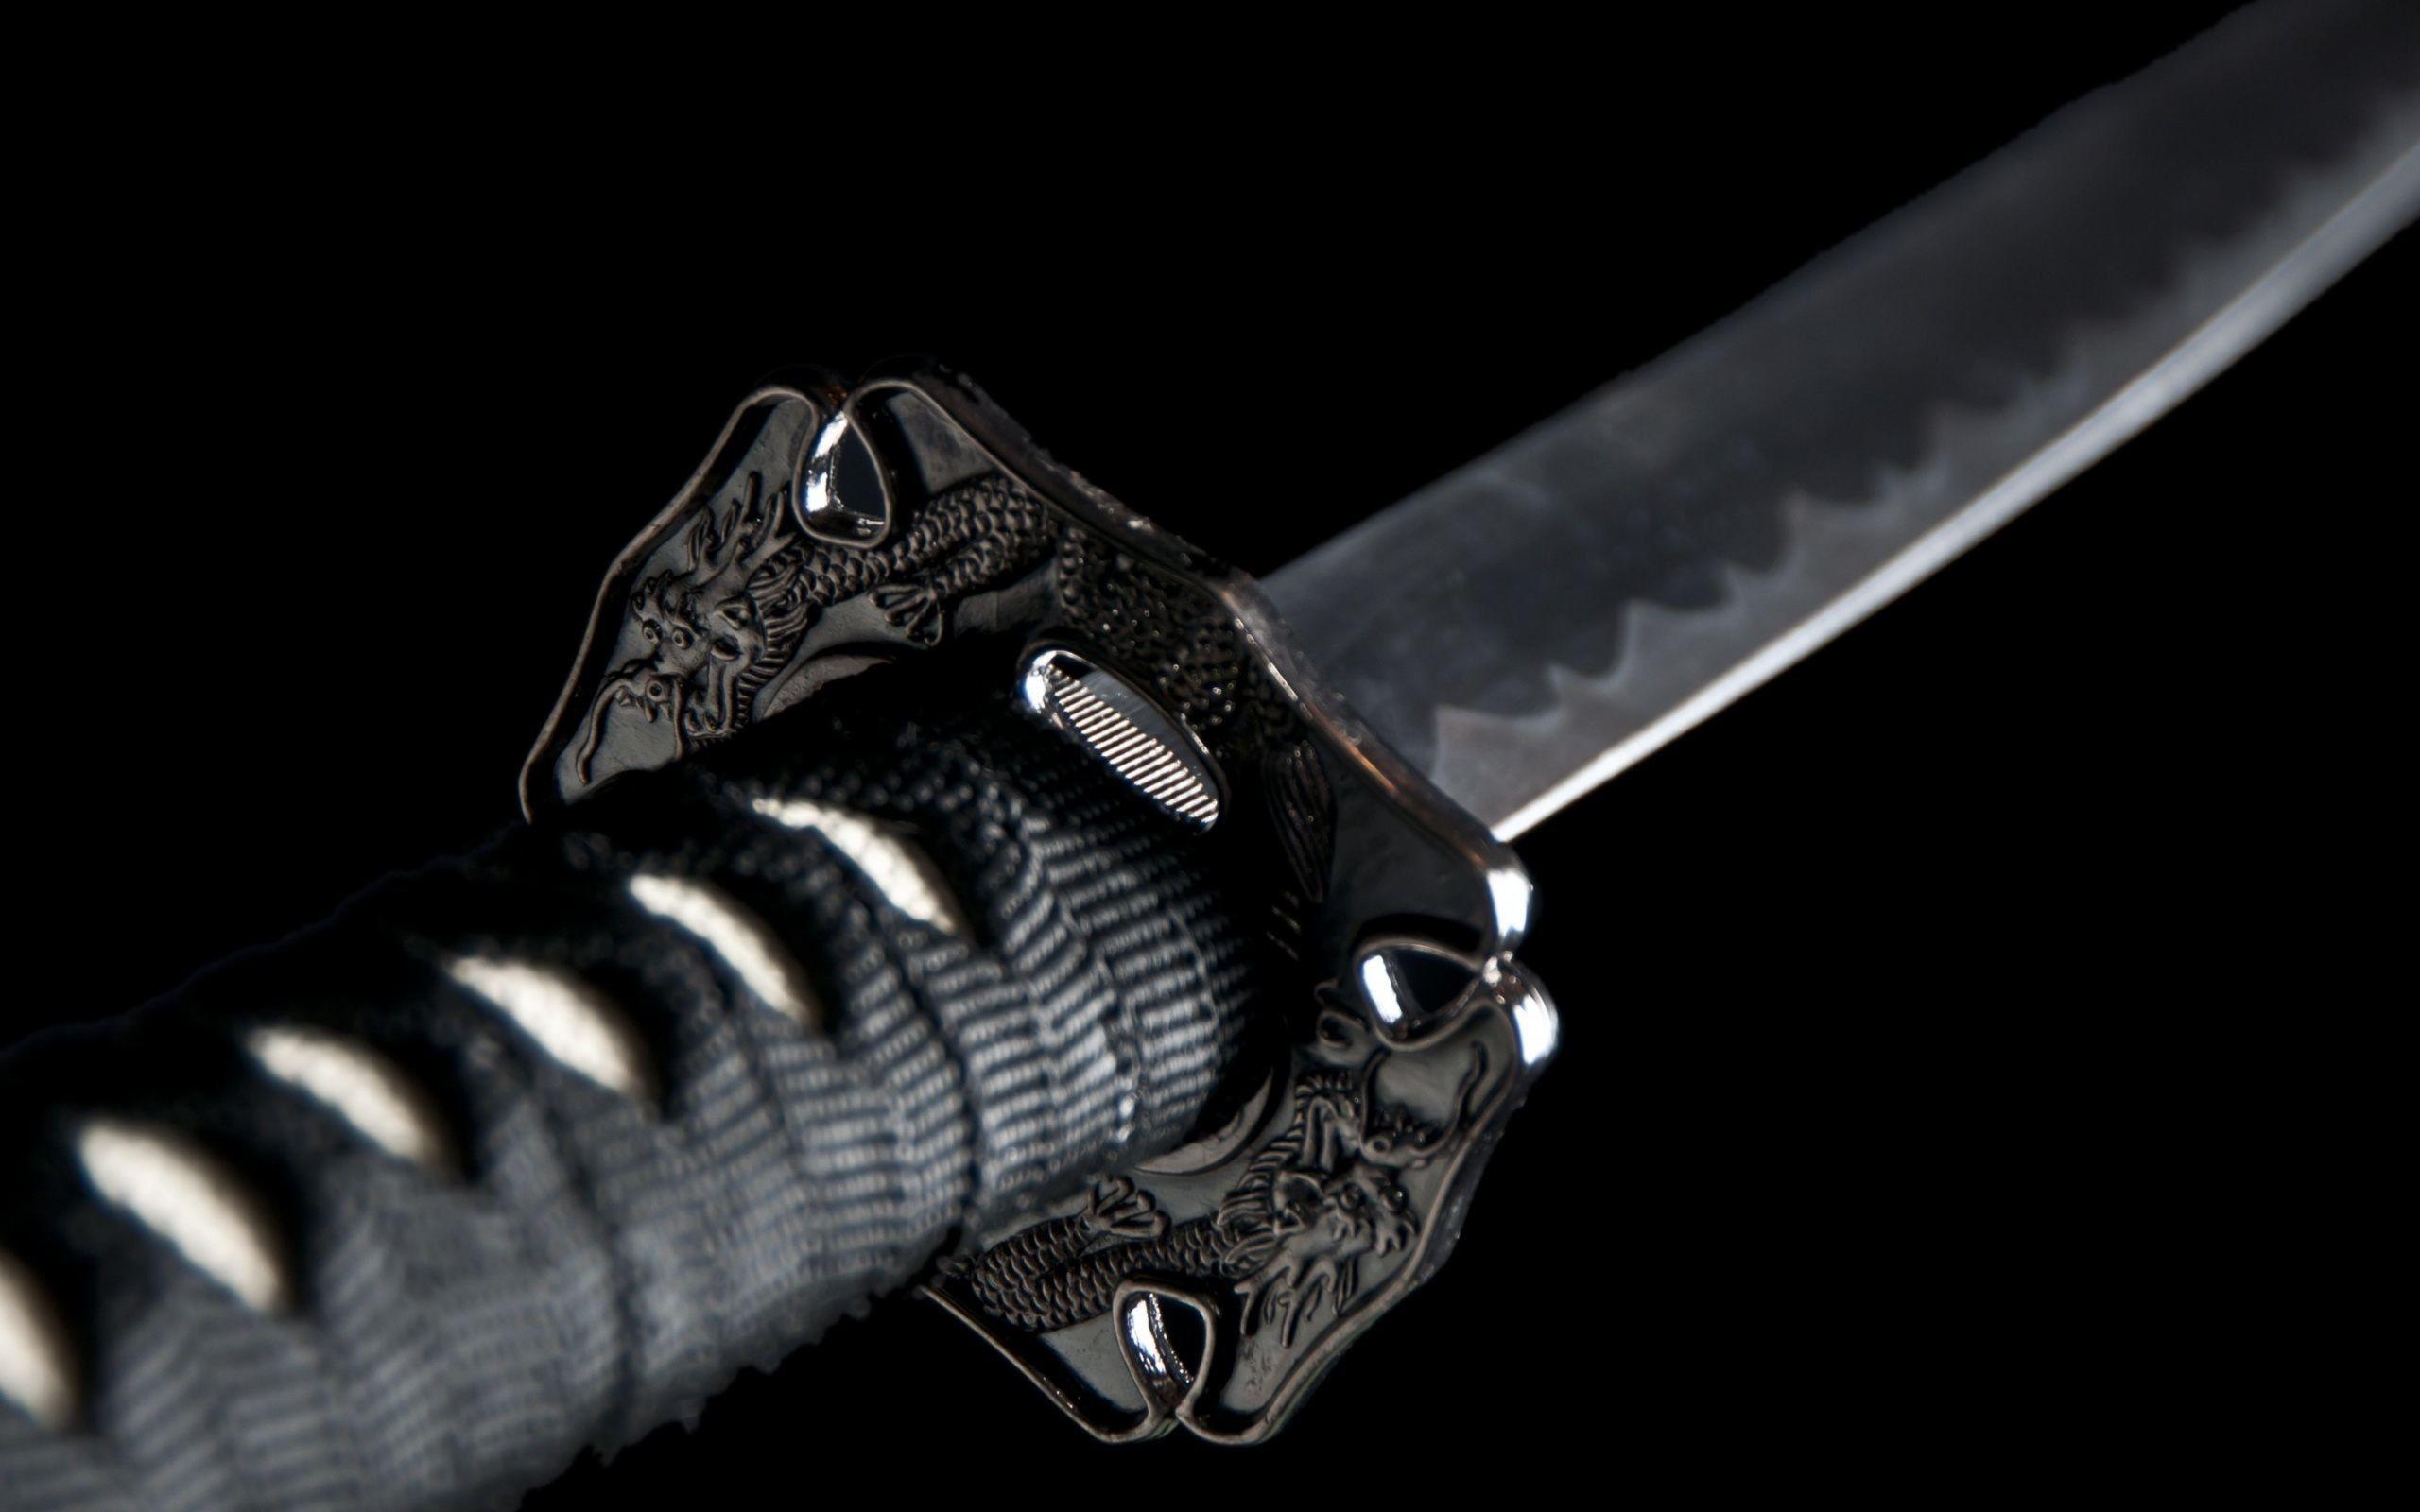 sword photos hd